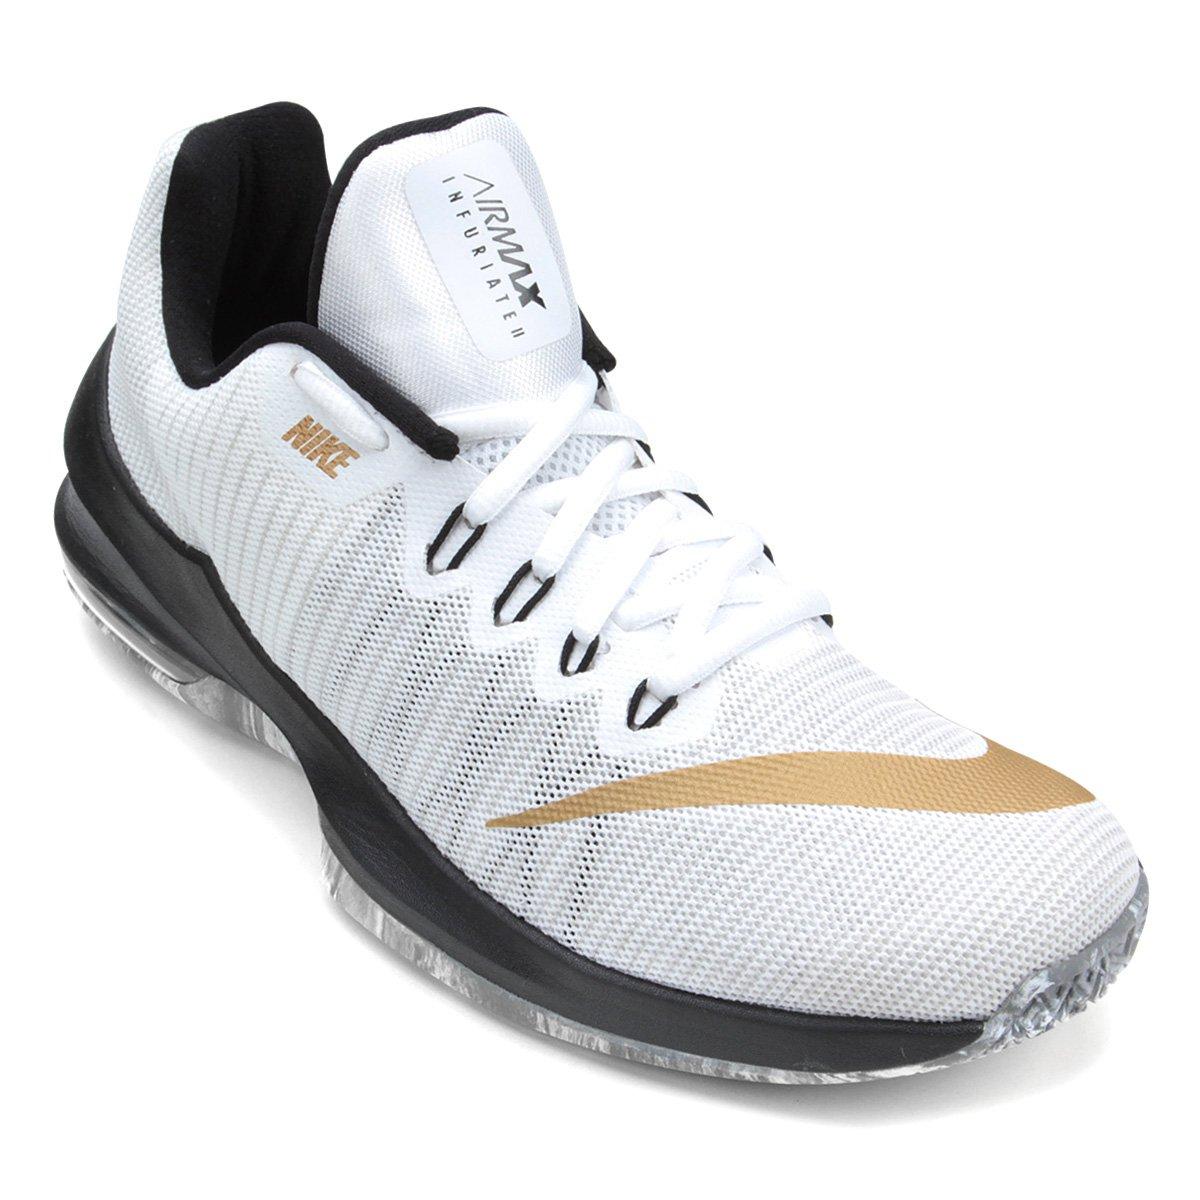 dc3dcd49adb Tênis Nike Air Max Infuriate 2 Low Masculino - Branco e dourado - Compre  Agora